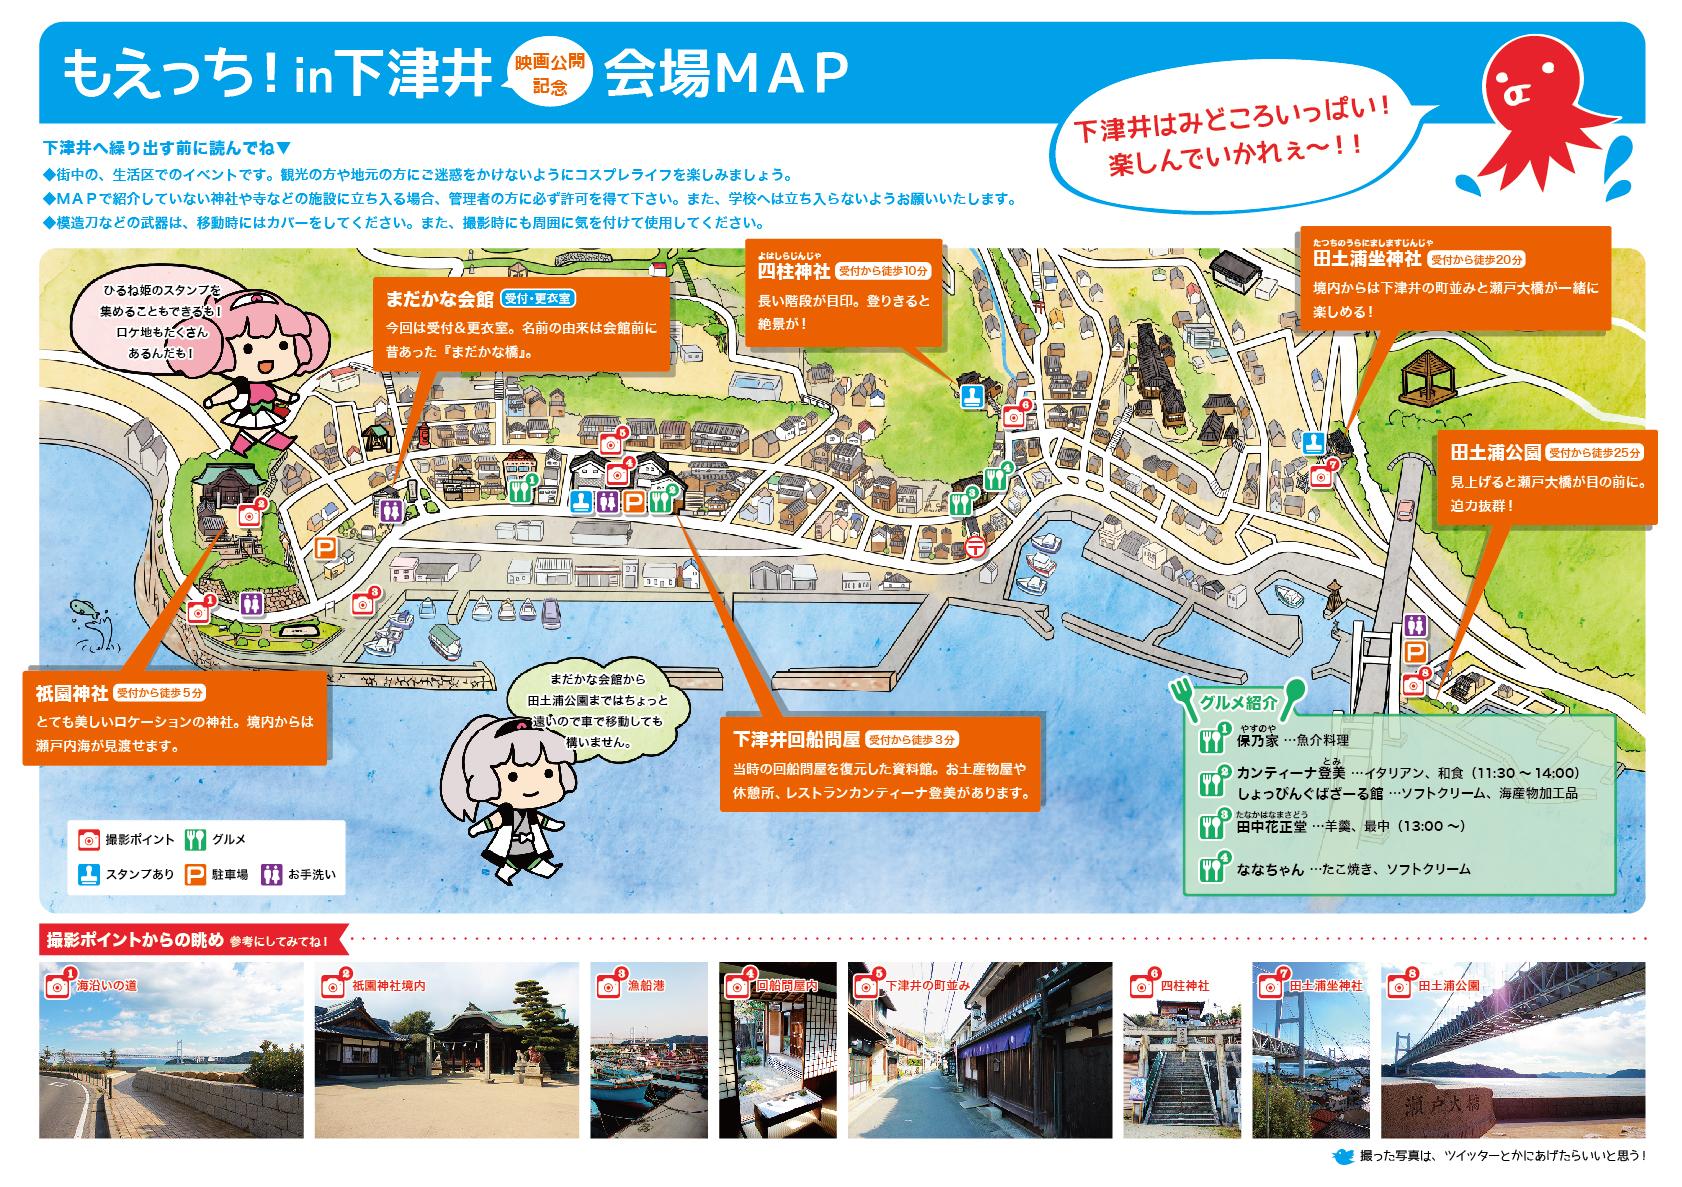 下津井マップ